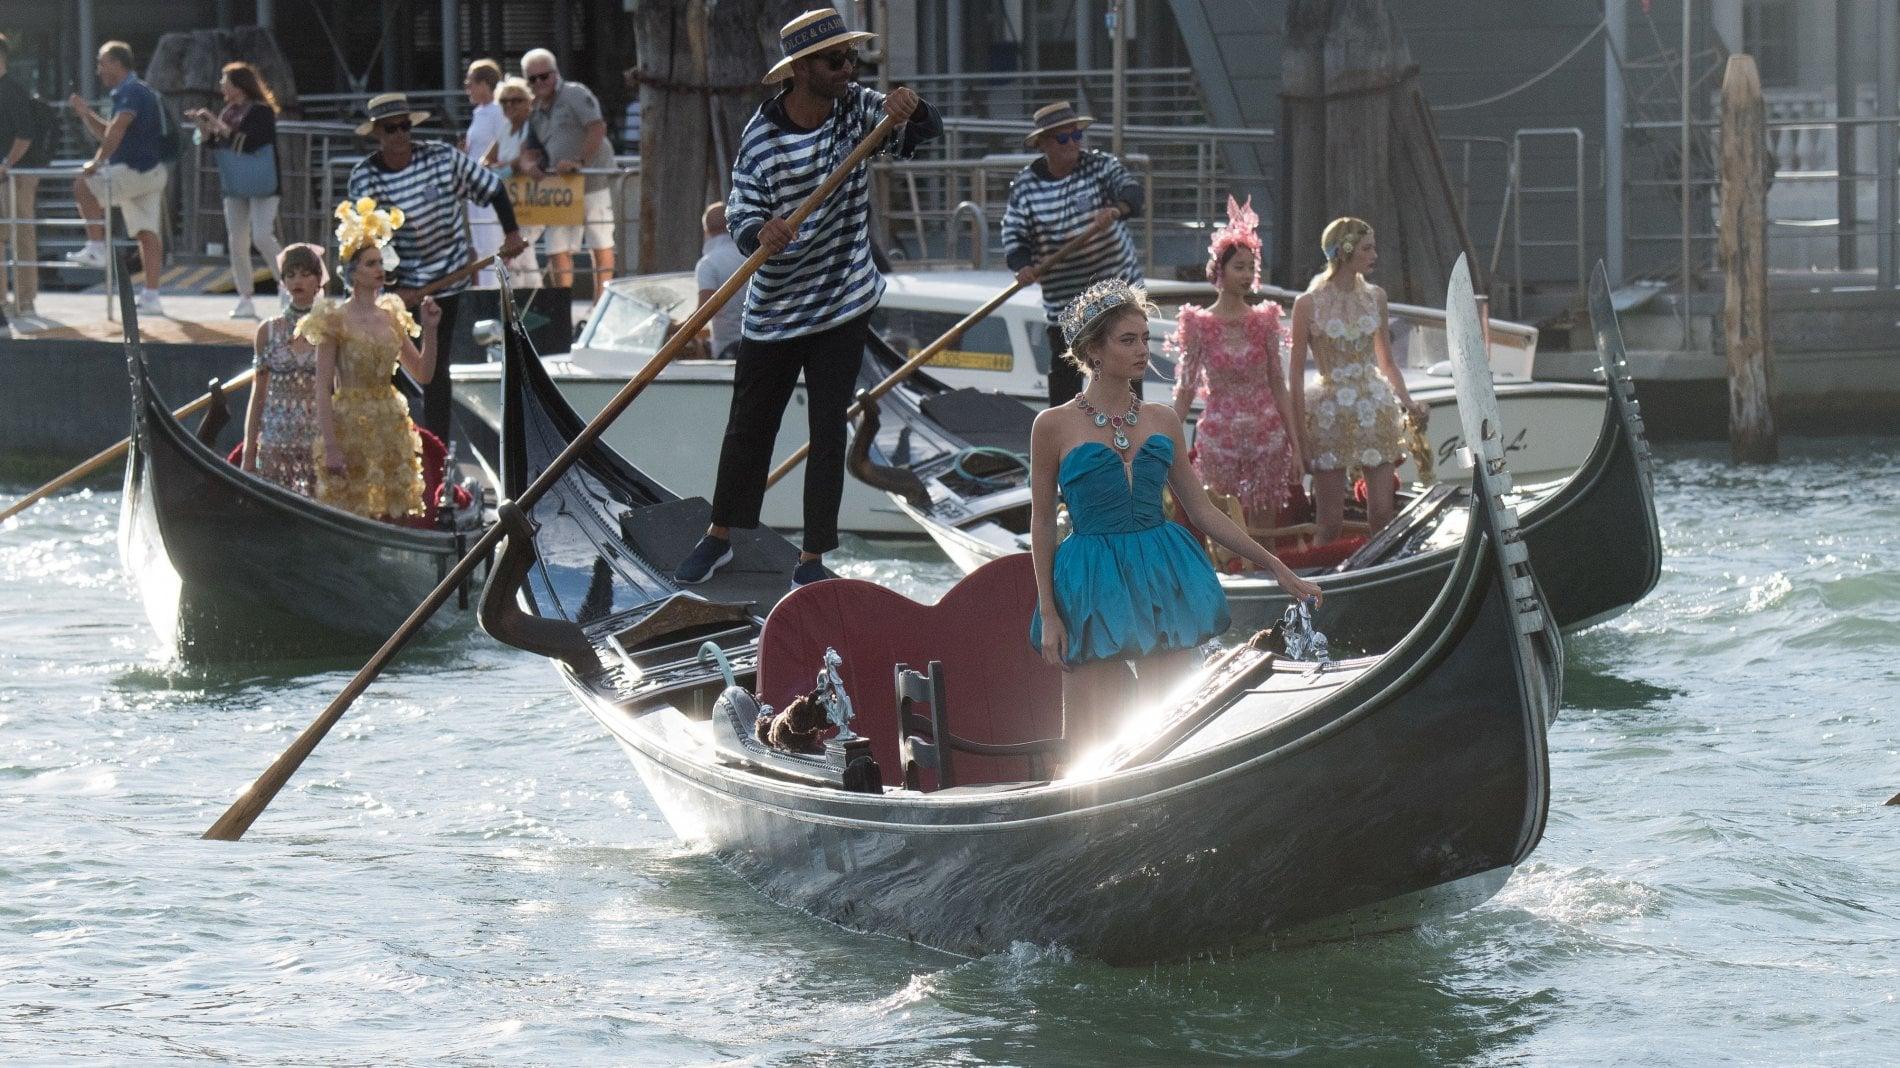 L'Alta Moda di Dolce&Gabbana sbarca in Laguna con uno show memorabile. Tra  star, saltimbanchi, temporali a sorpresa e arcobaleni - D.it Repubblica